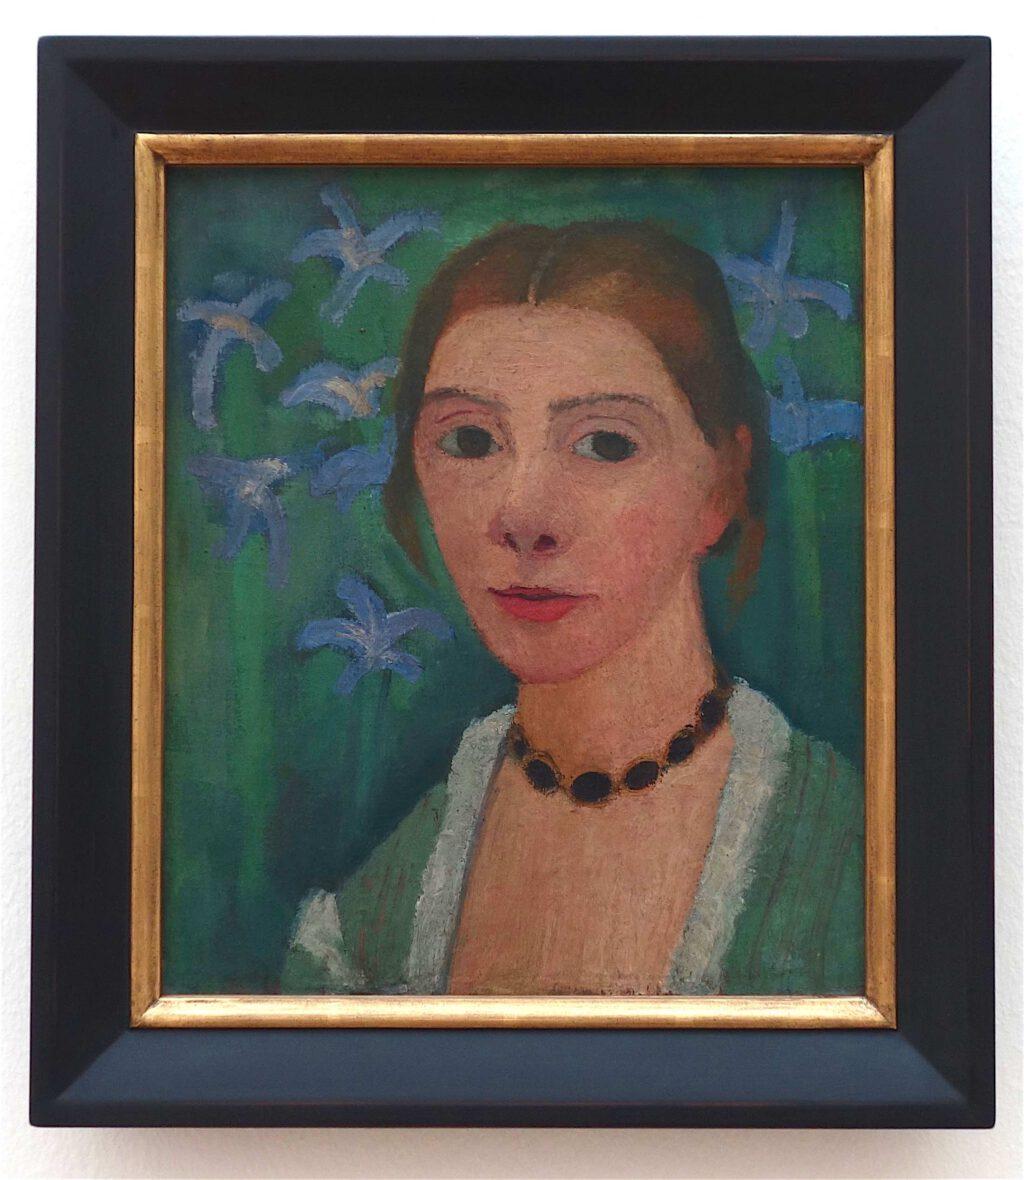 ポーラ・モデルソン=ベッカー「緑の背景に青いアイリスを配した自画像」キャンバスにオイルテンペラ、40.7 x 43.5 センチ、約1905年 (Kunsthalle Bremen)